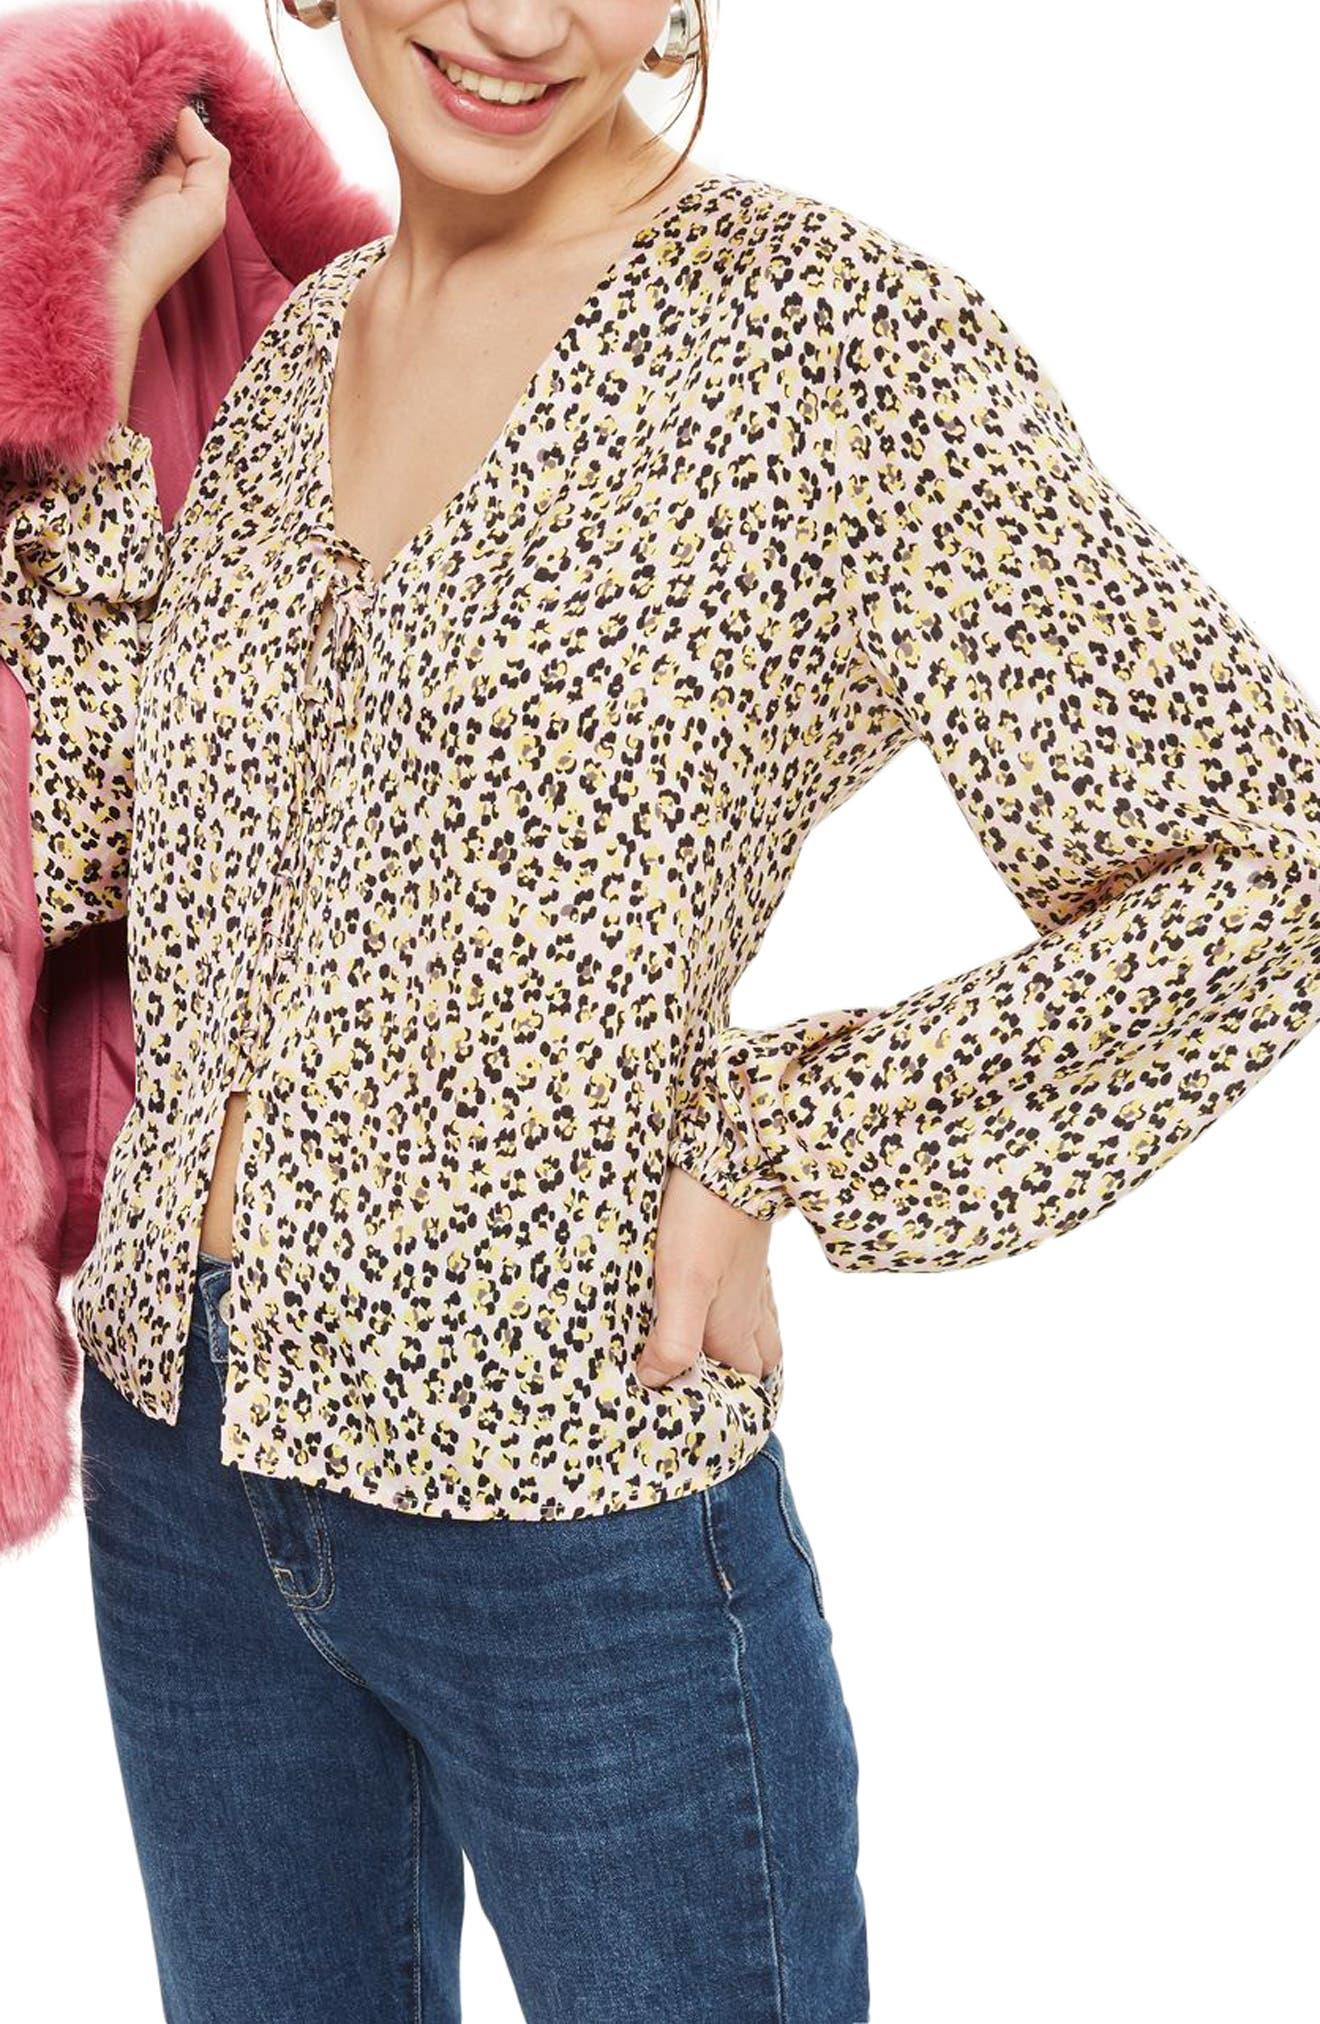 Topshop Leopard Print Tie Front Blouse